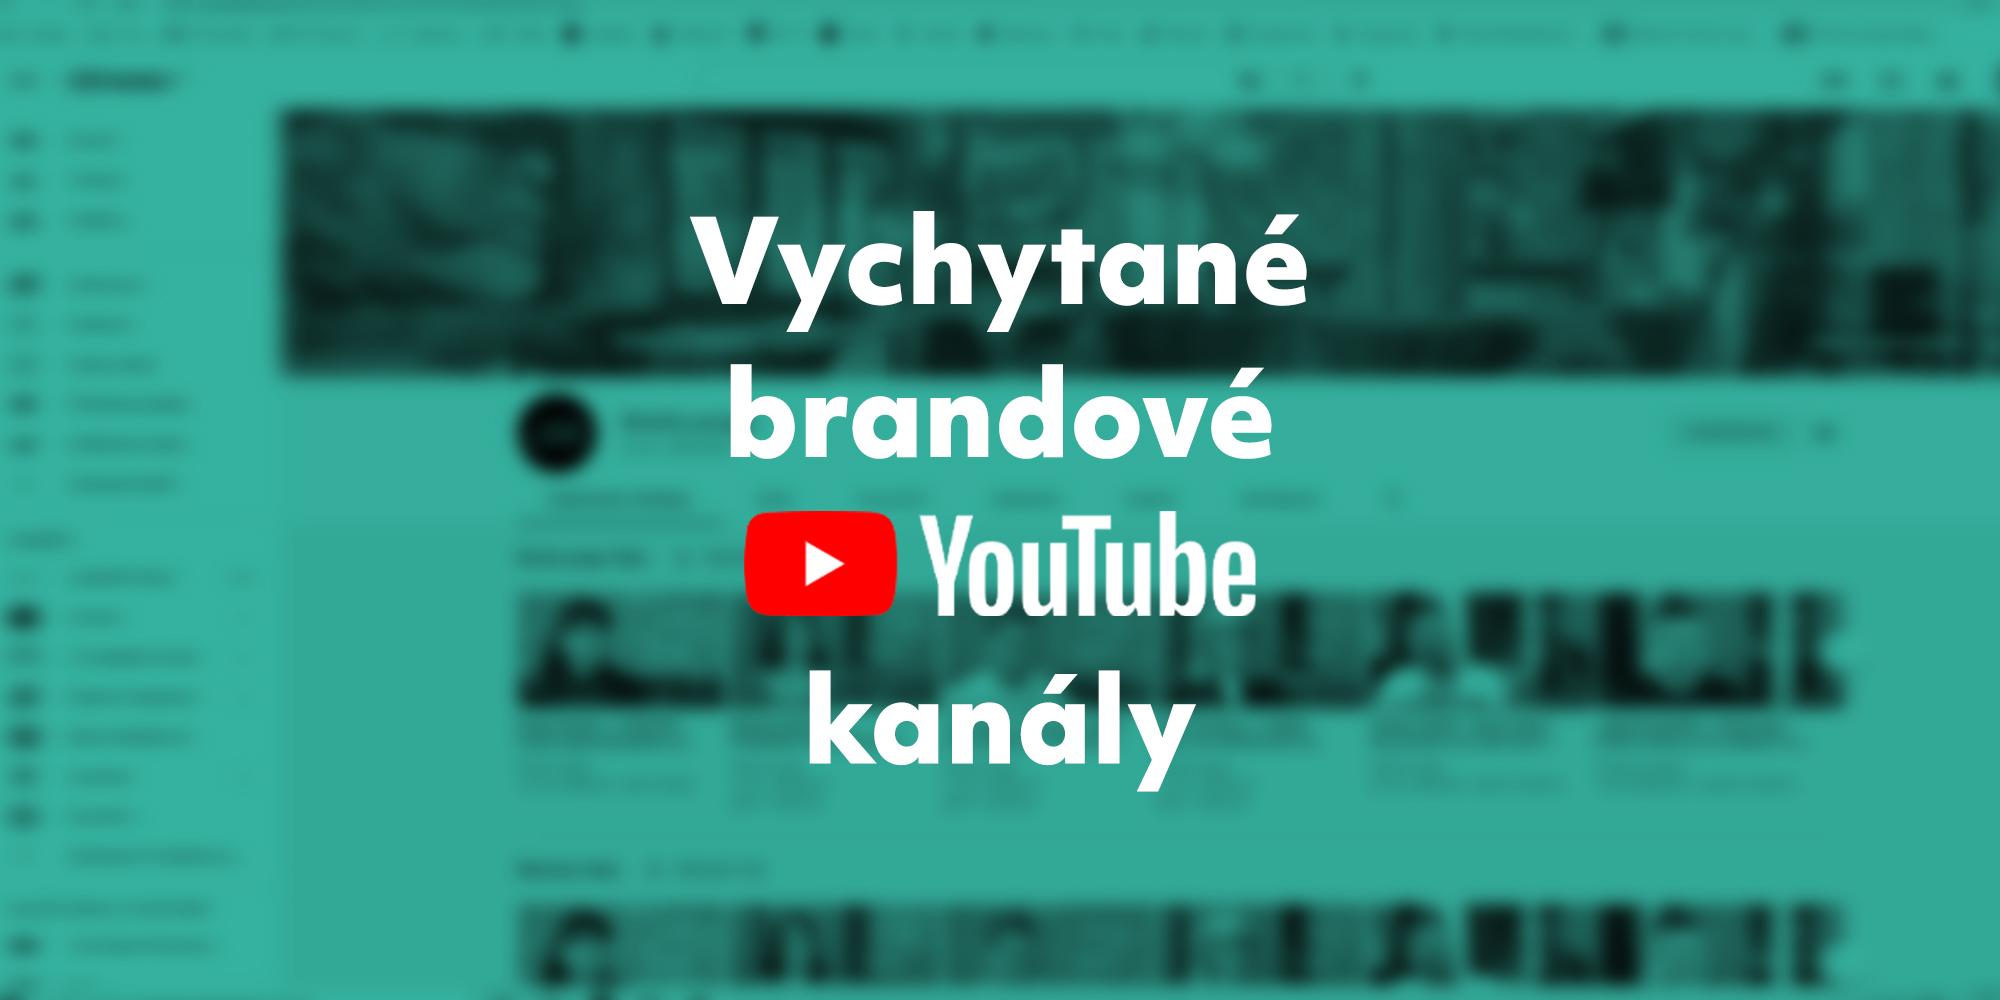 Vychytané brandové YouTube kanály